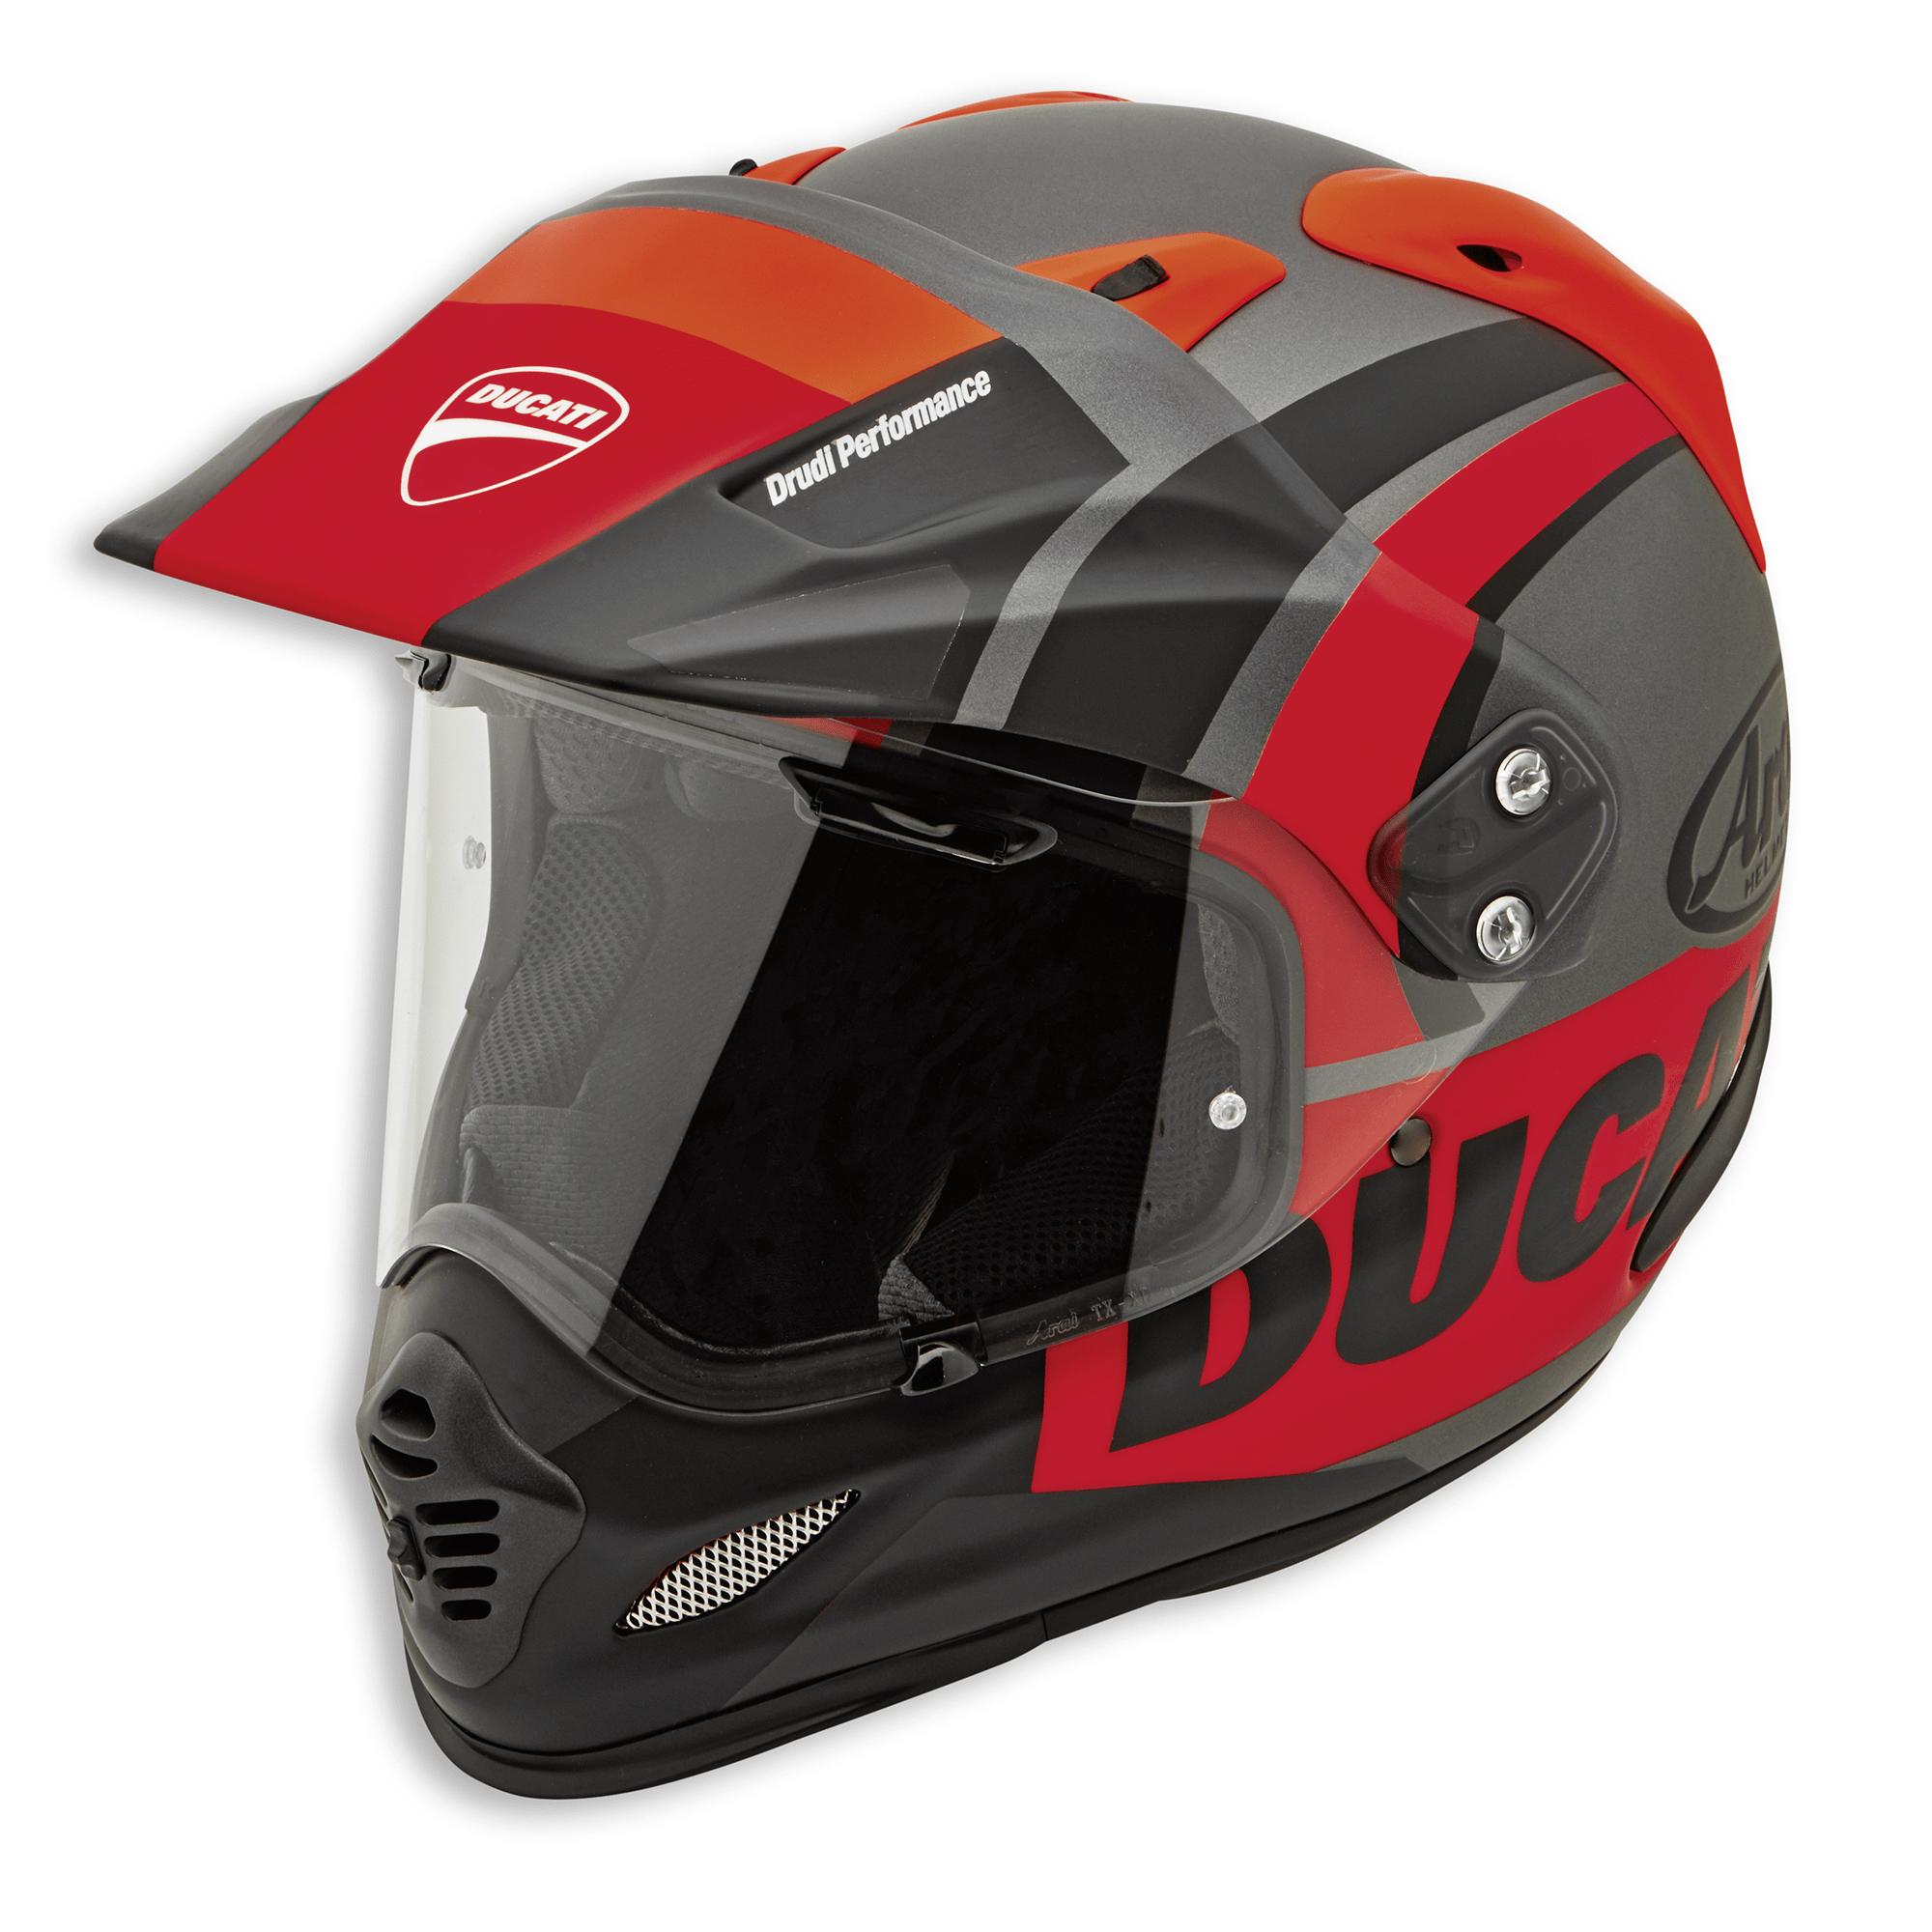 ducati helmet tour v4 Arai